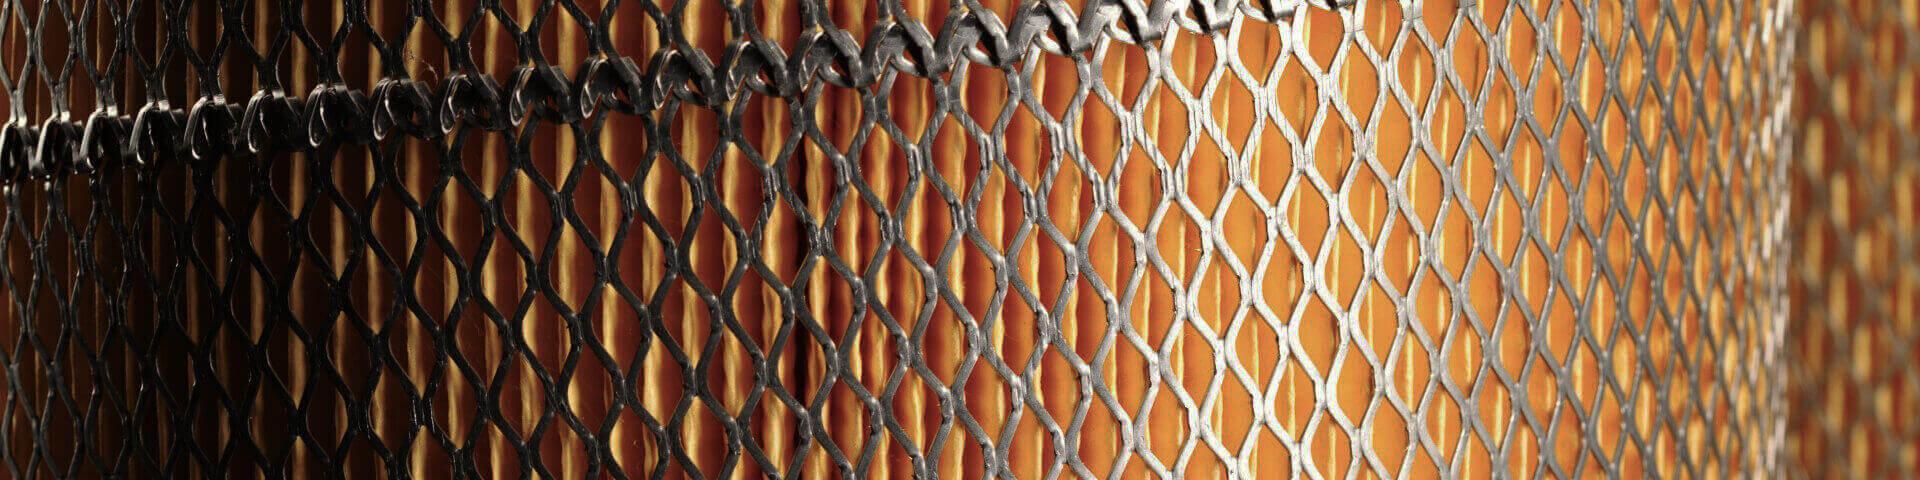 filter v2 1920x480